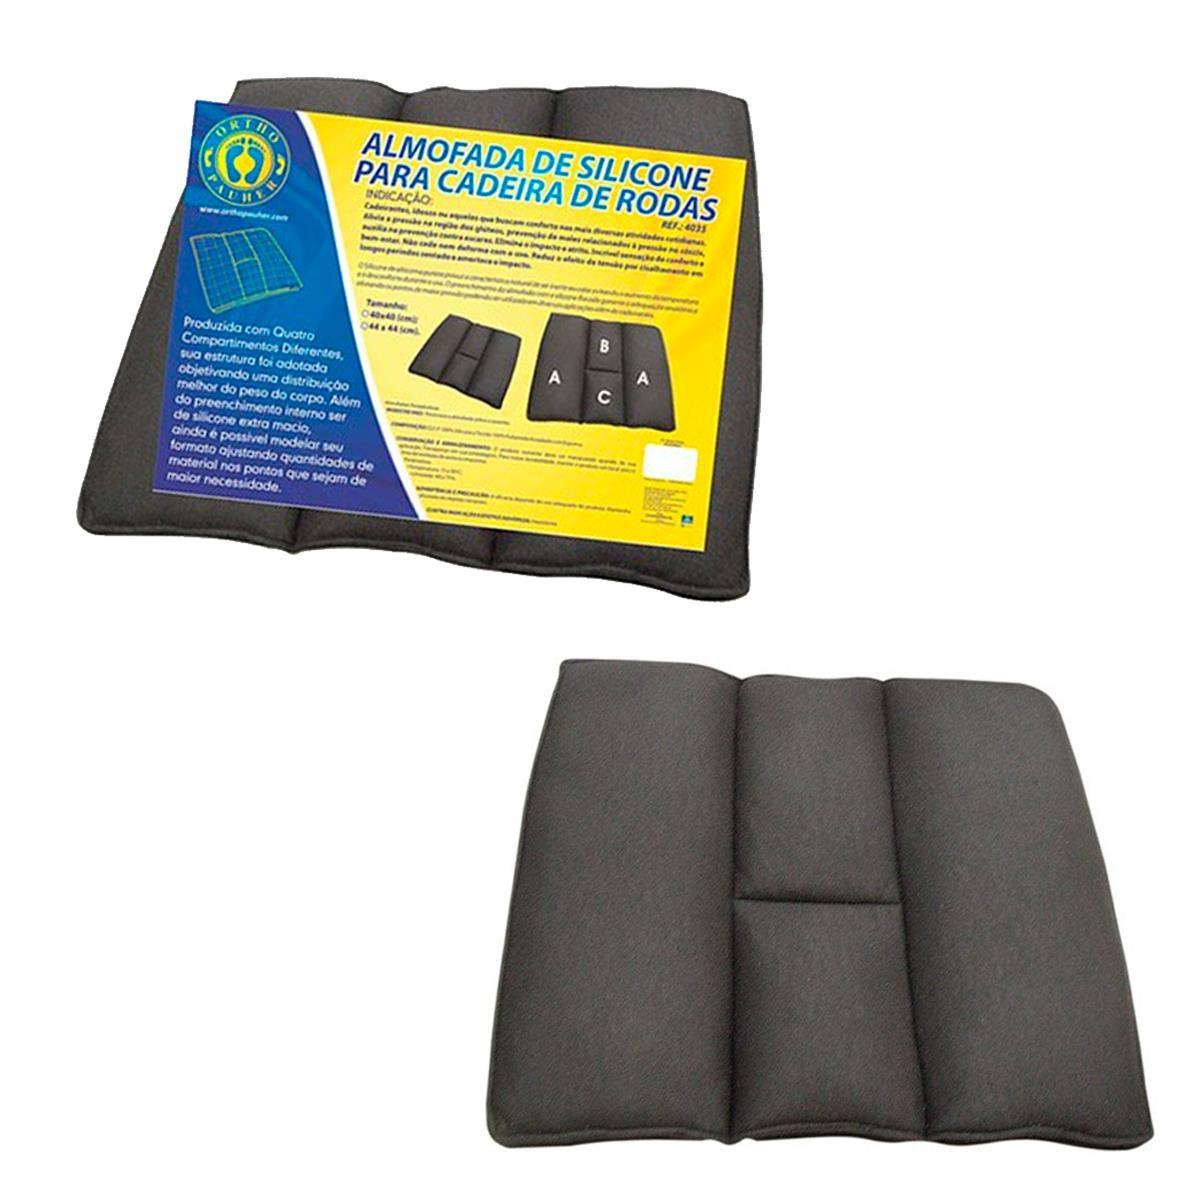 Almofada Ortopédica de Silicone para Cadeira de Rodas